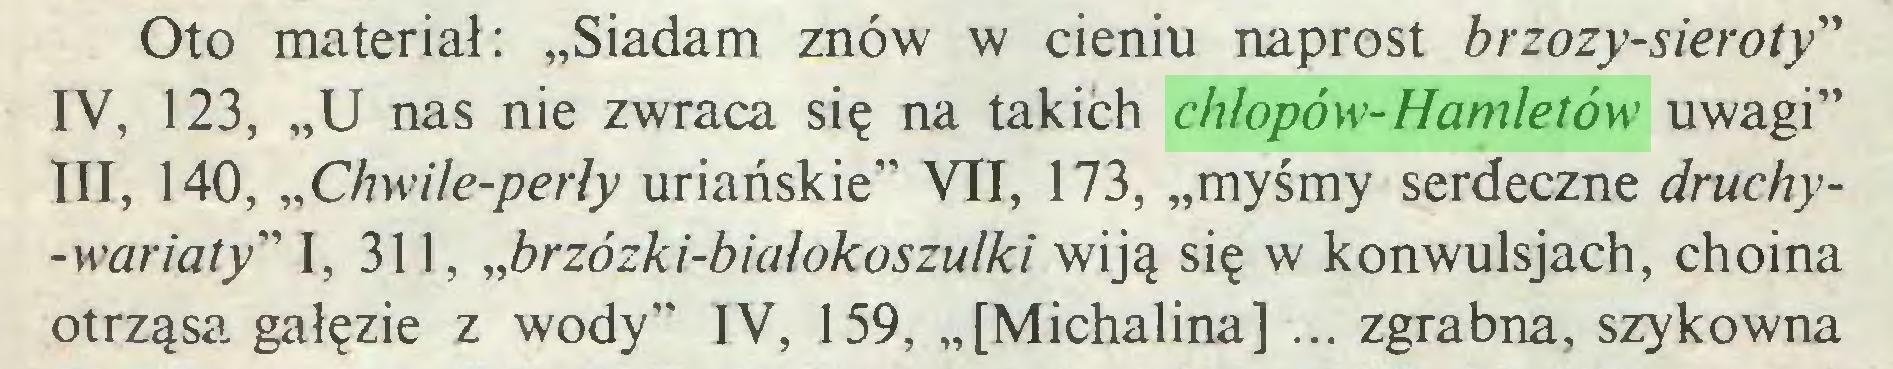 """(...) Oto materiał: """"Siadam znów w cieniu naprost brzozy-sieroty"""" IV, 123, """"U nas nie zwraca się na takich chłopów-Hamletów uwagi"""" III, 140, """"Chwile-perły uriańskie"""" VII, 173, """"myśmy serdeczne druchy-wariaty"""" I, 311, """"brzózki-białokoszulki wiją się w konwulsjach, choina otrząsa gałęzie z wody"""" IV, 159, """"[Michalina] ... zgrabna, szykowna..."""